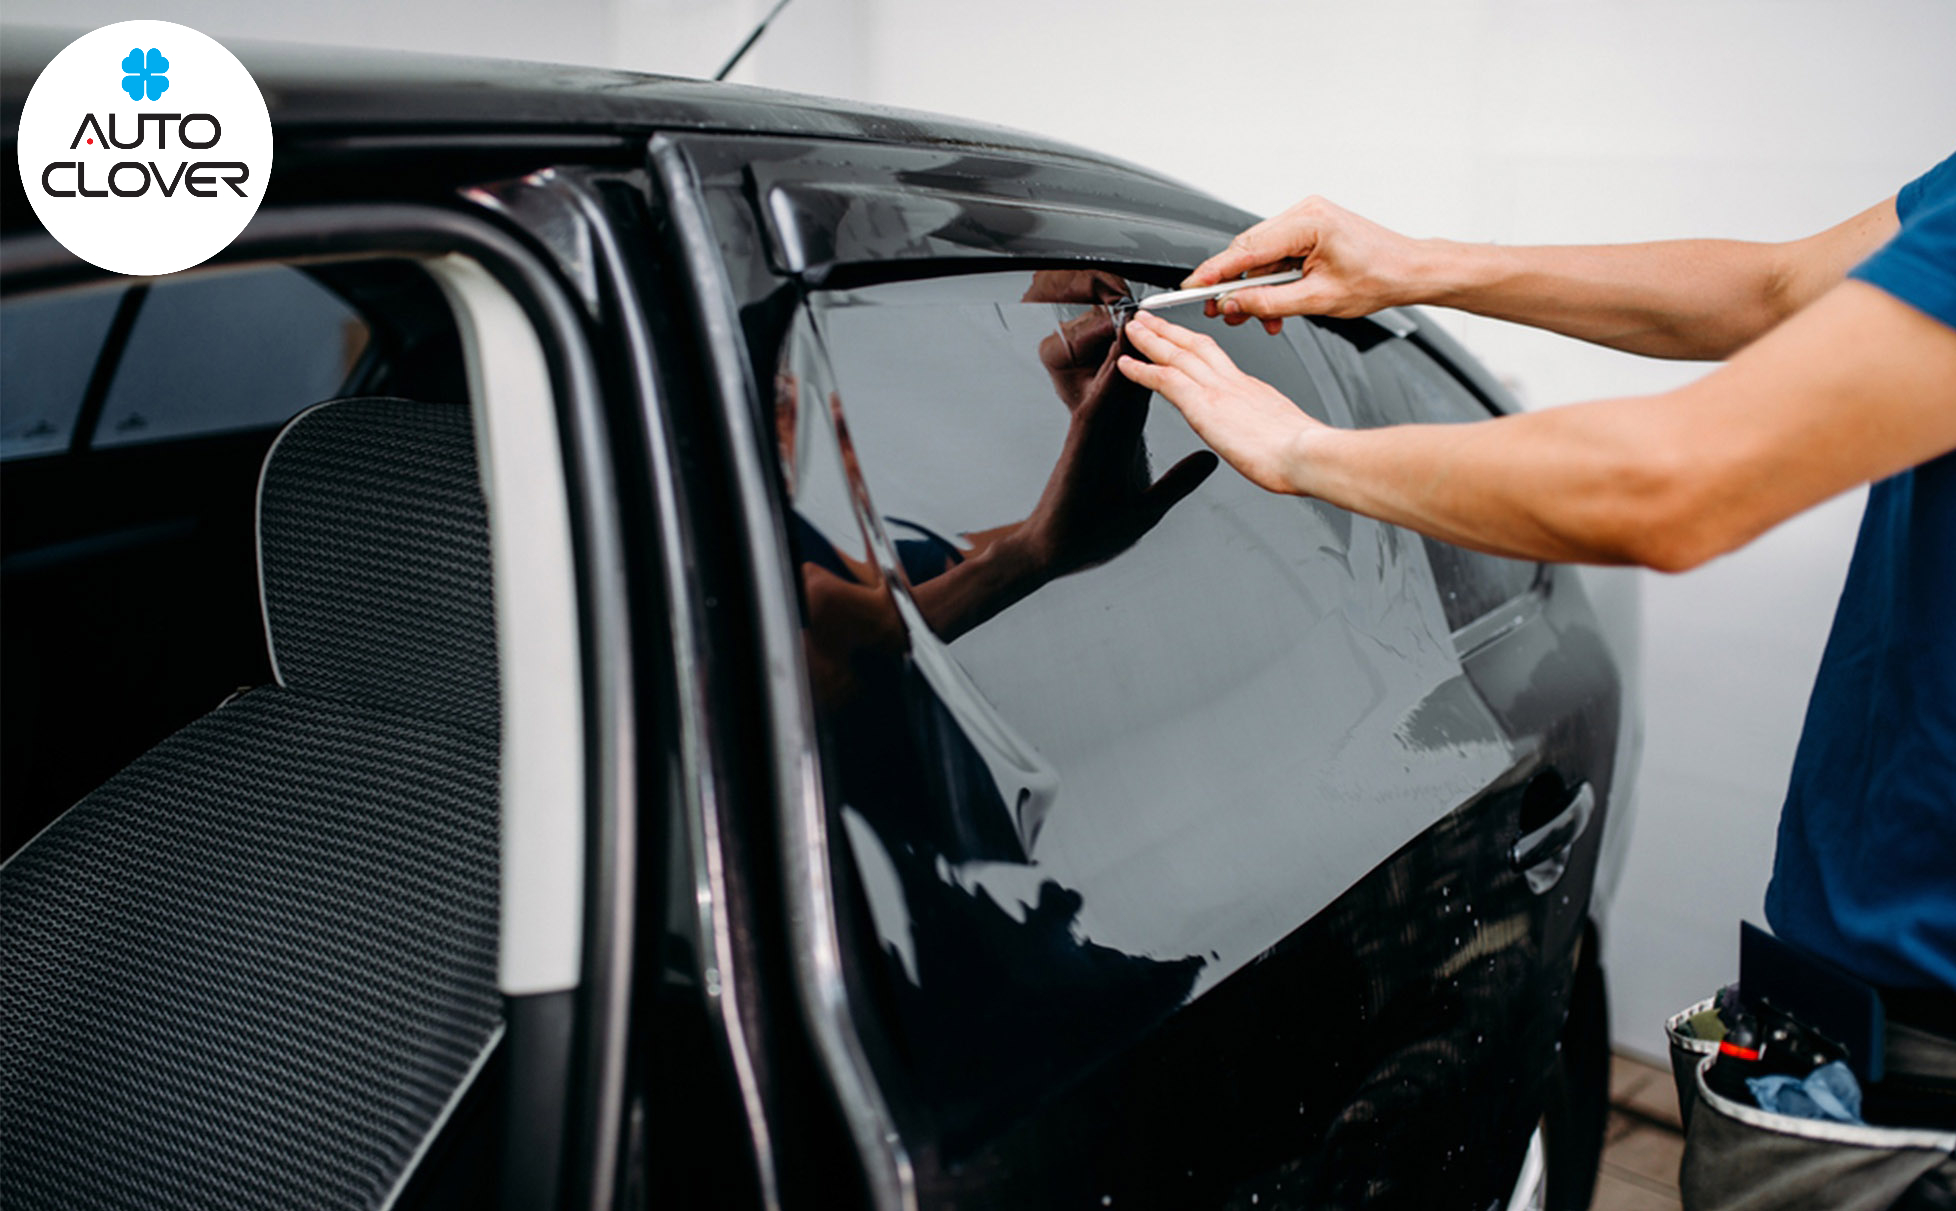 Phim cách nhiệt có tác dụng giúp giảm các bức xa nhiệt của ánh nắng chiếu vào bên trong xe. Đồng thời các tác nhân gây hại cho da như tia UV, tia cực tím,...sẽ được ngăn chặn một cách đáng kể.